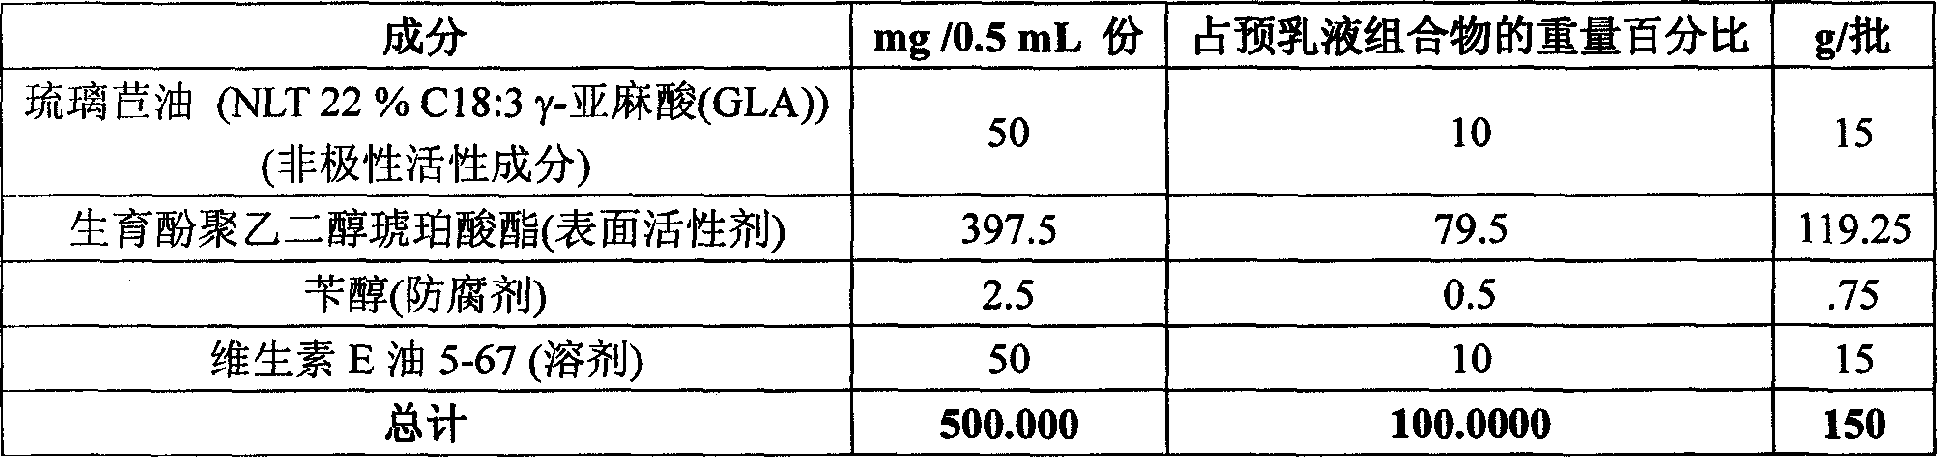 Figure CN102036661BD00872